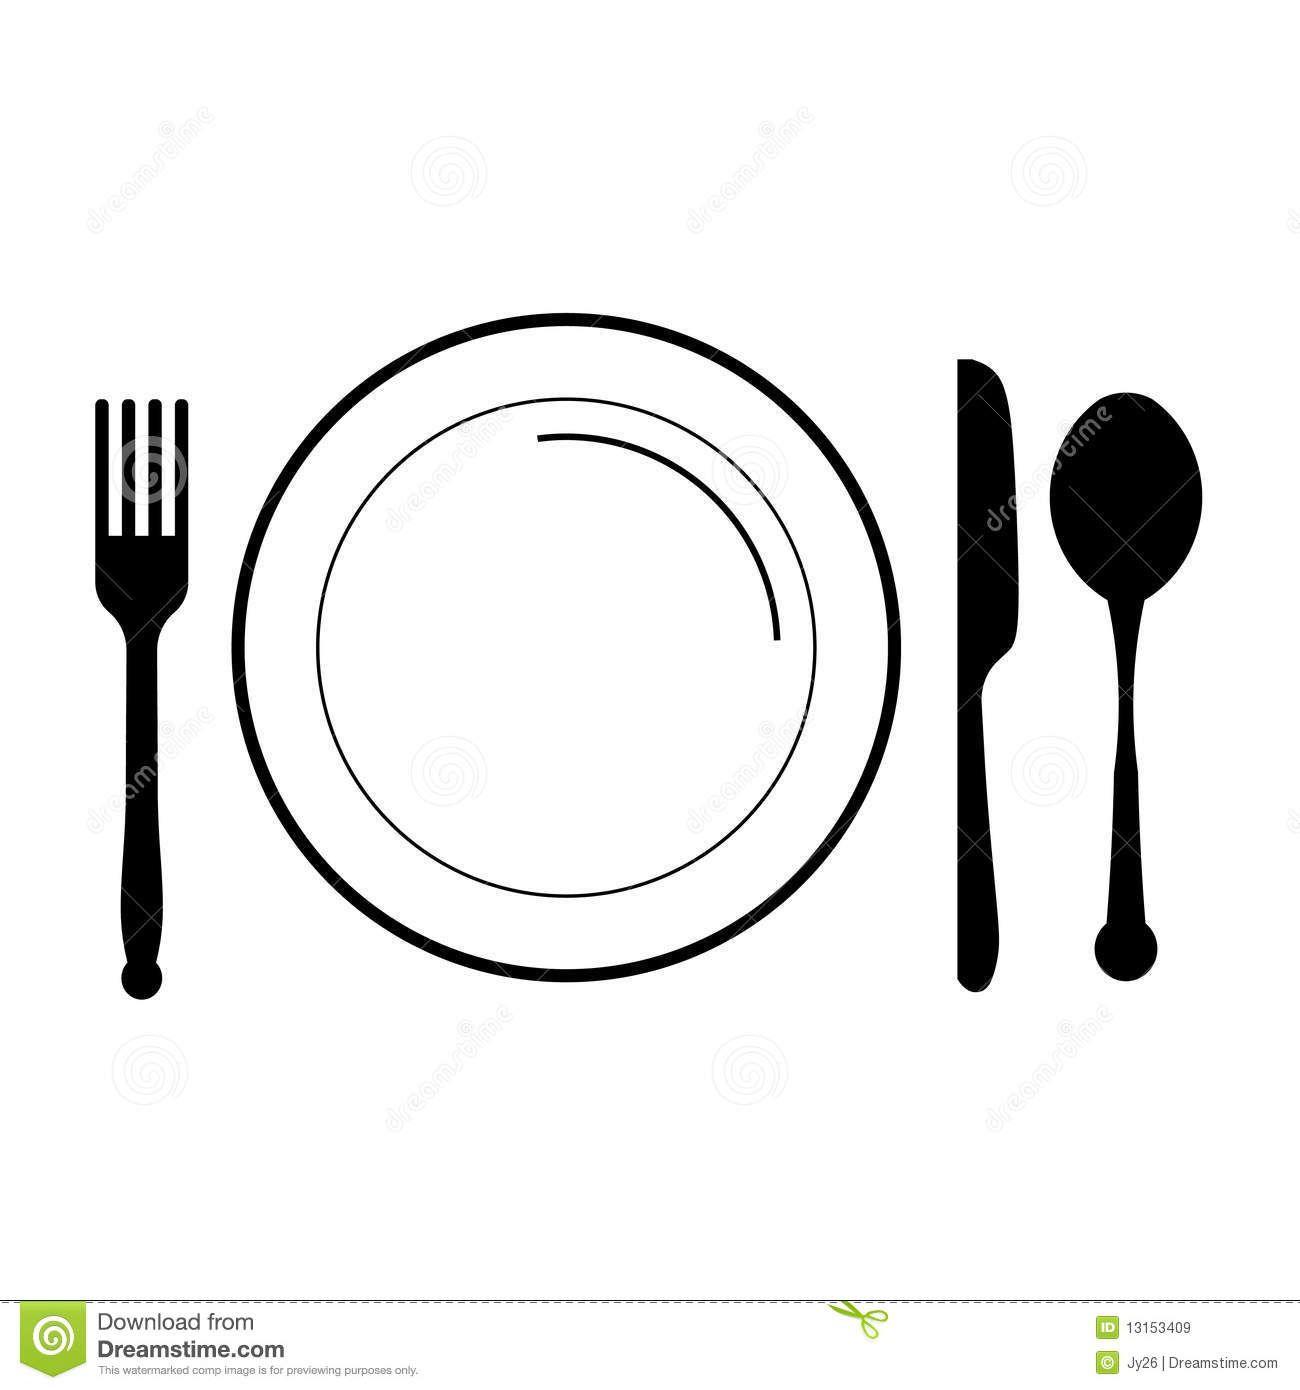 Clip art vector icon. Dinner clipart plate knife fork